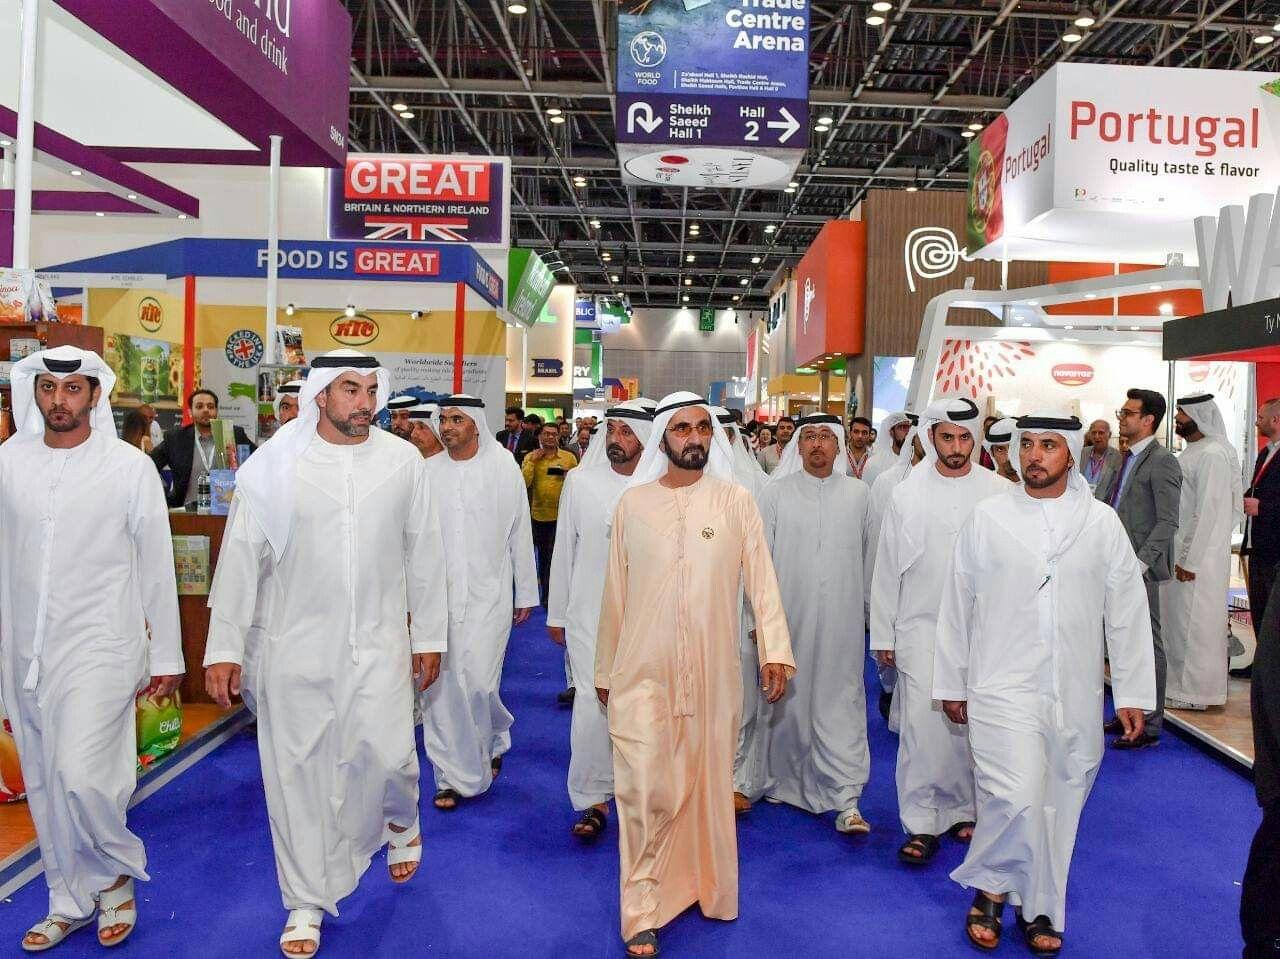 صاحب السمو الشيخ محمد بن راشد آل مكتوم يزور معرض جلفود 2019 في دورته الرابعة والعشرين الذي يستضيفه مركز دبي التجاري العالمي على مدى خم Dubai Event The Crown